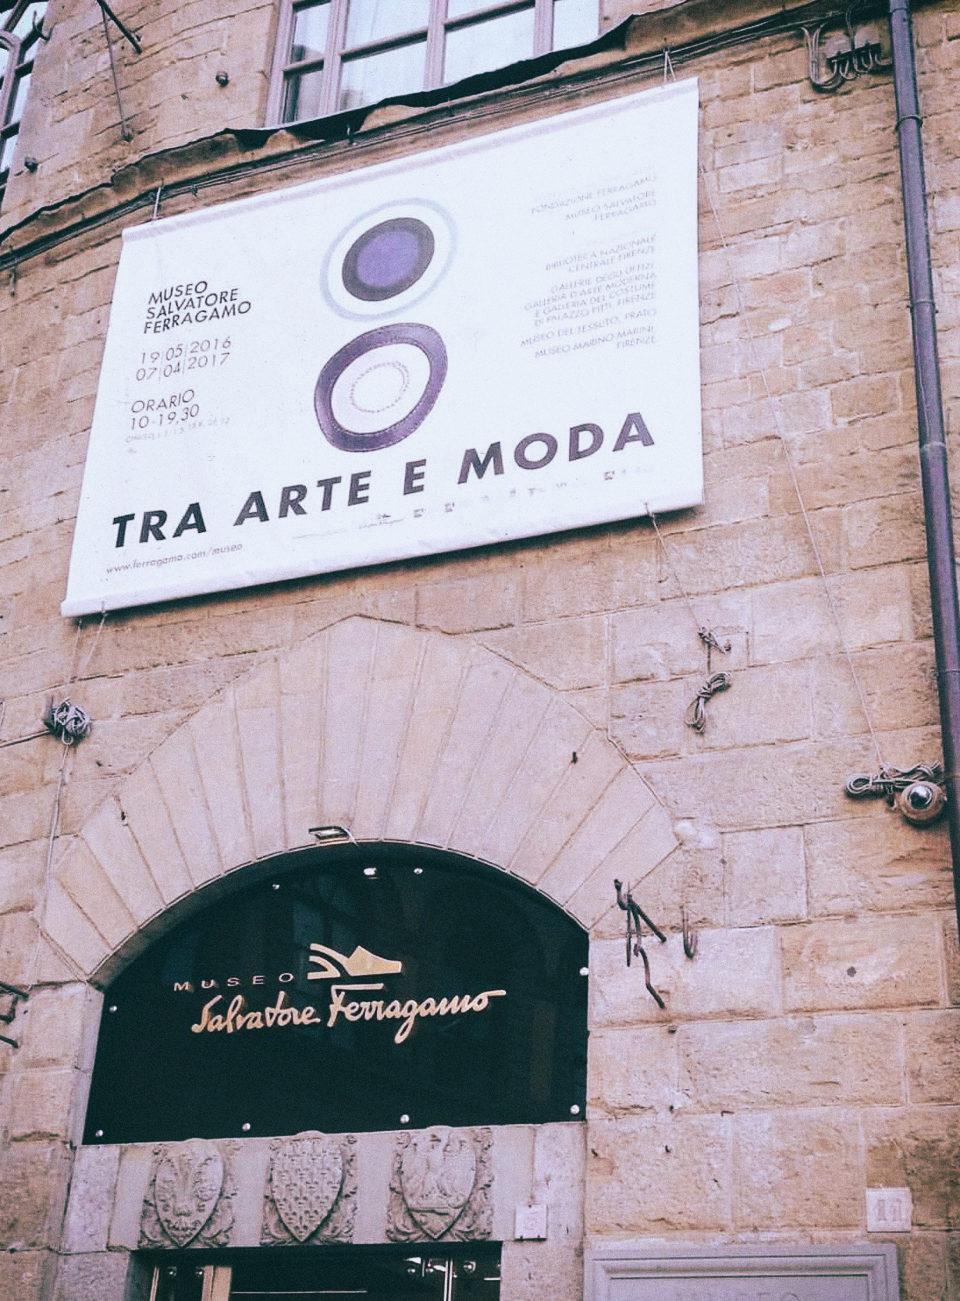 Salvatore Ferragamo Museum in Florence, Italy